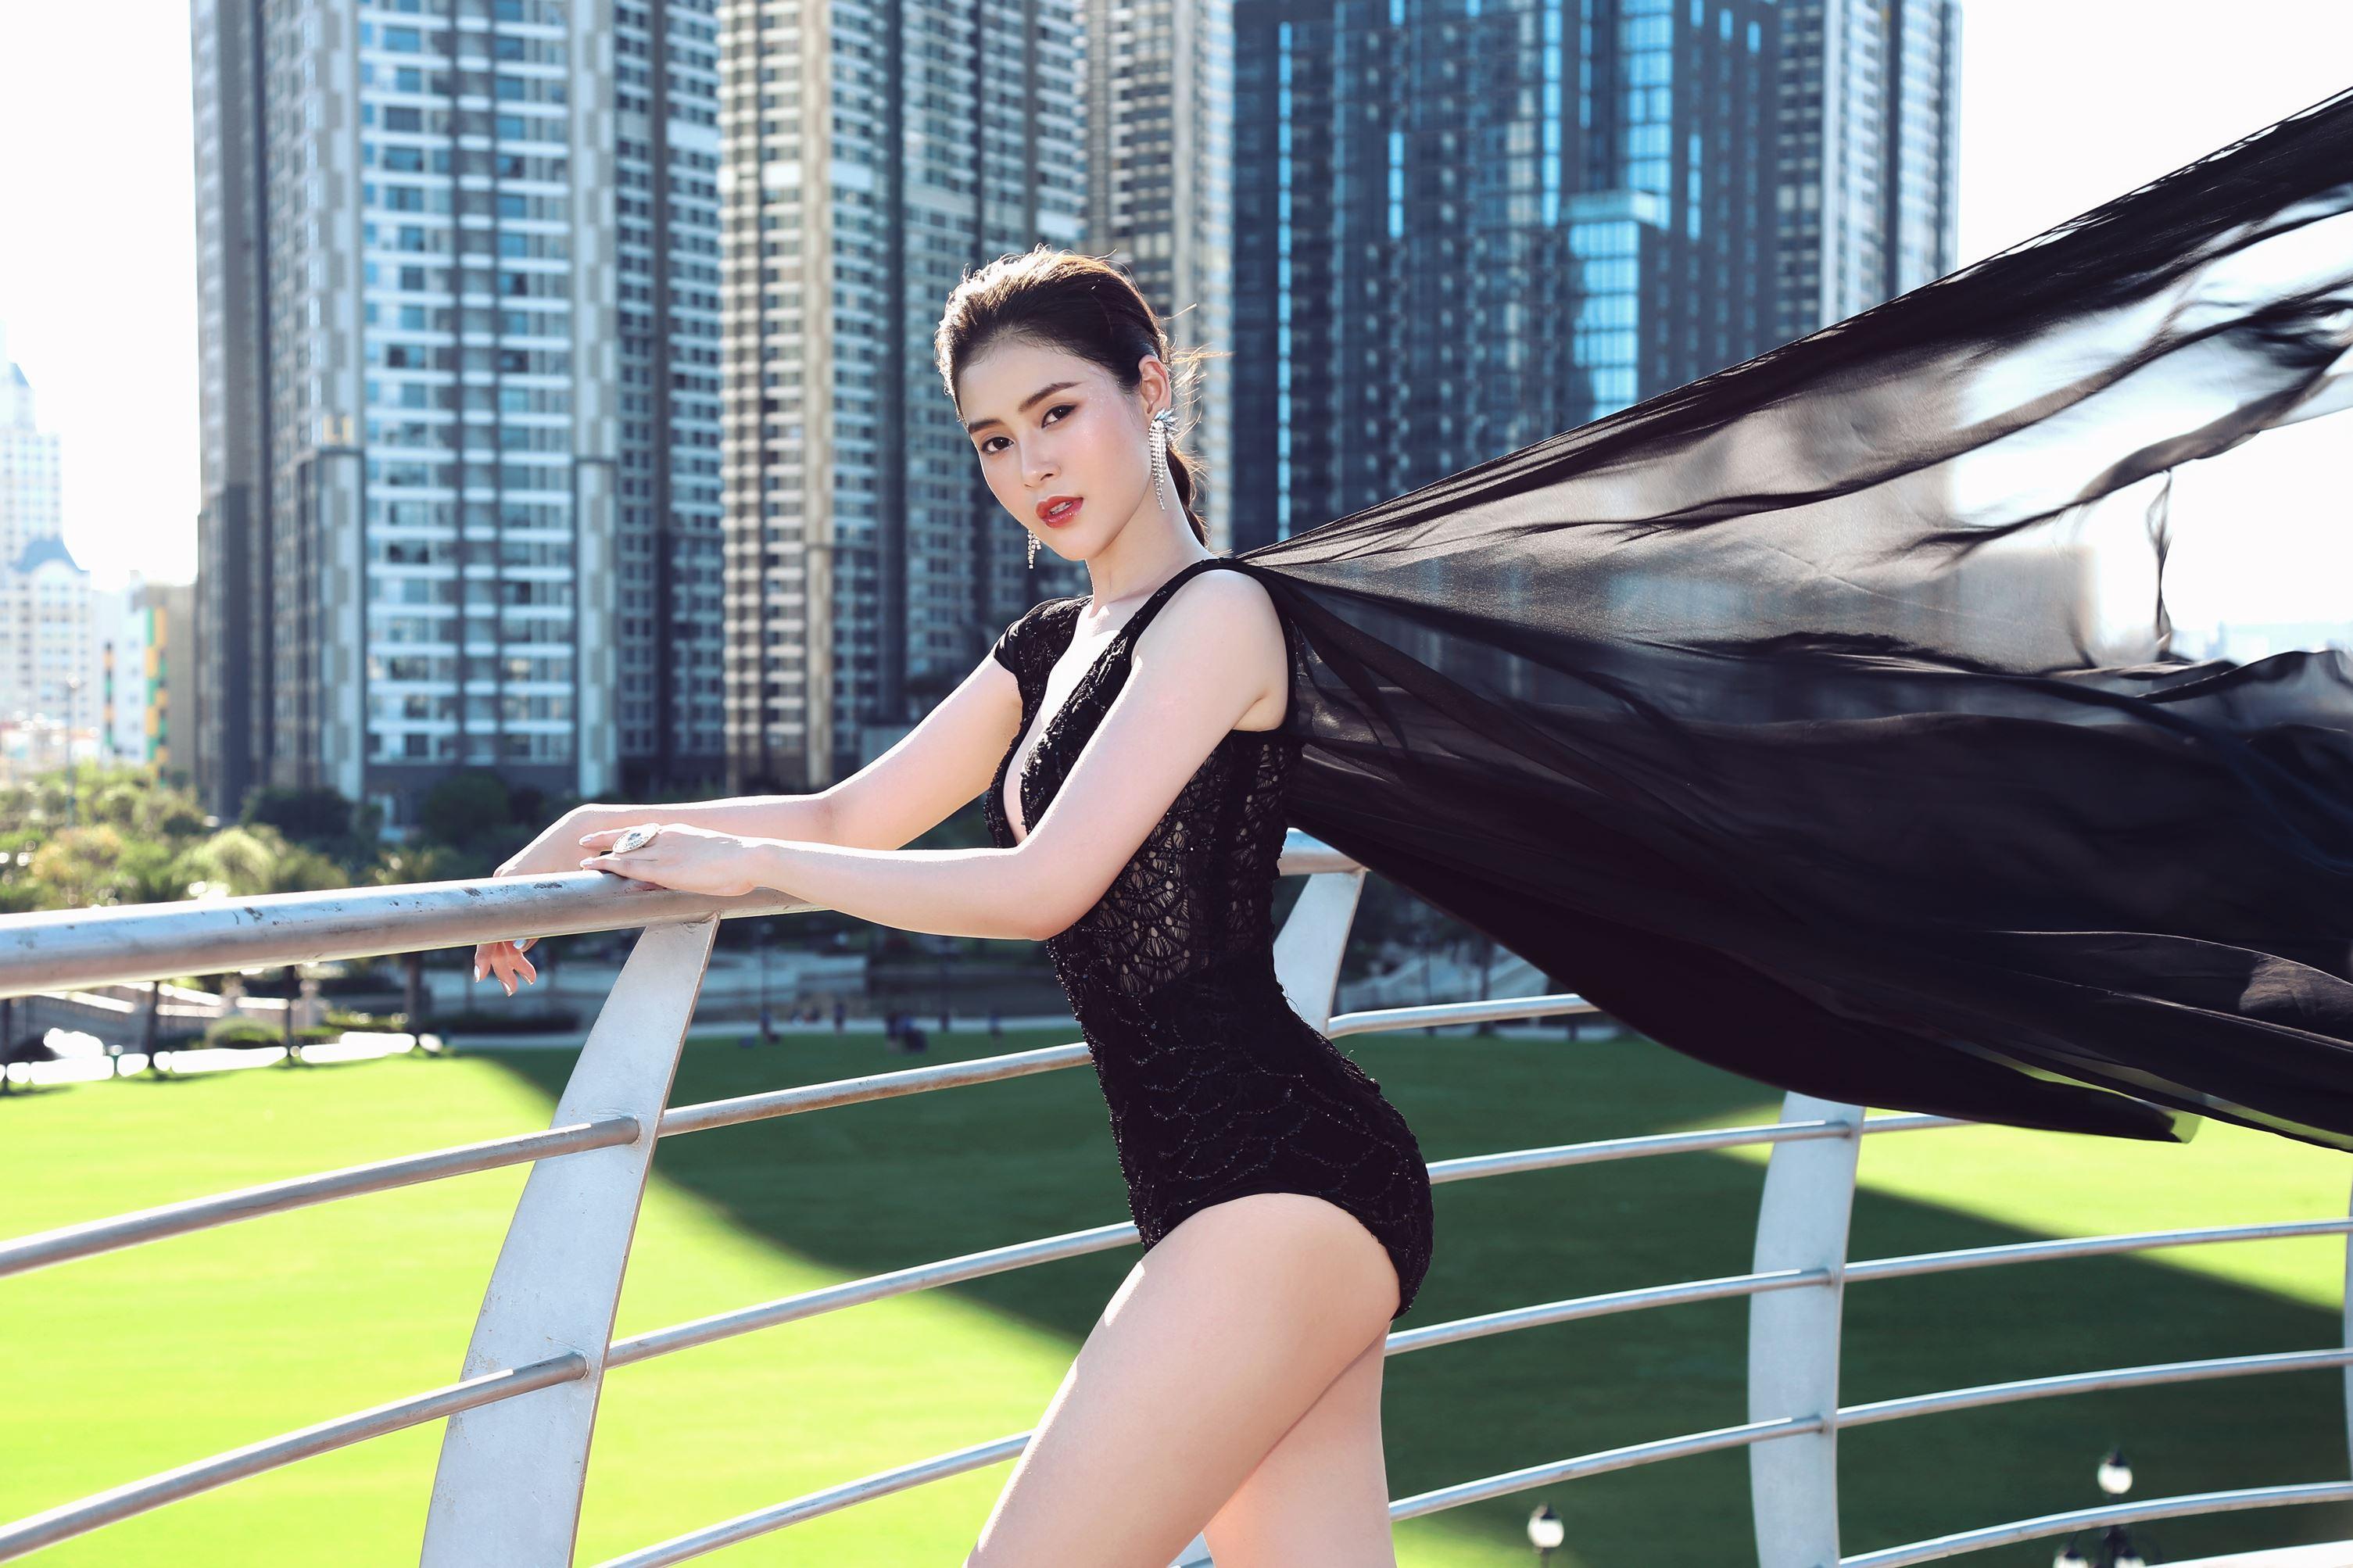 Á hậu Lý Kim Thảo khoe nhan sắc quyến rũ với trang phục gợi cảm Ảnh 10